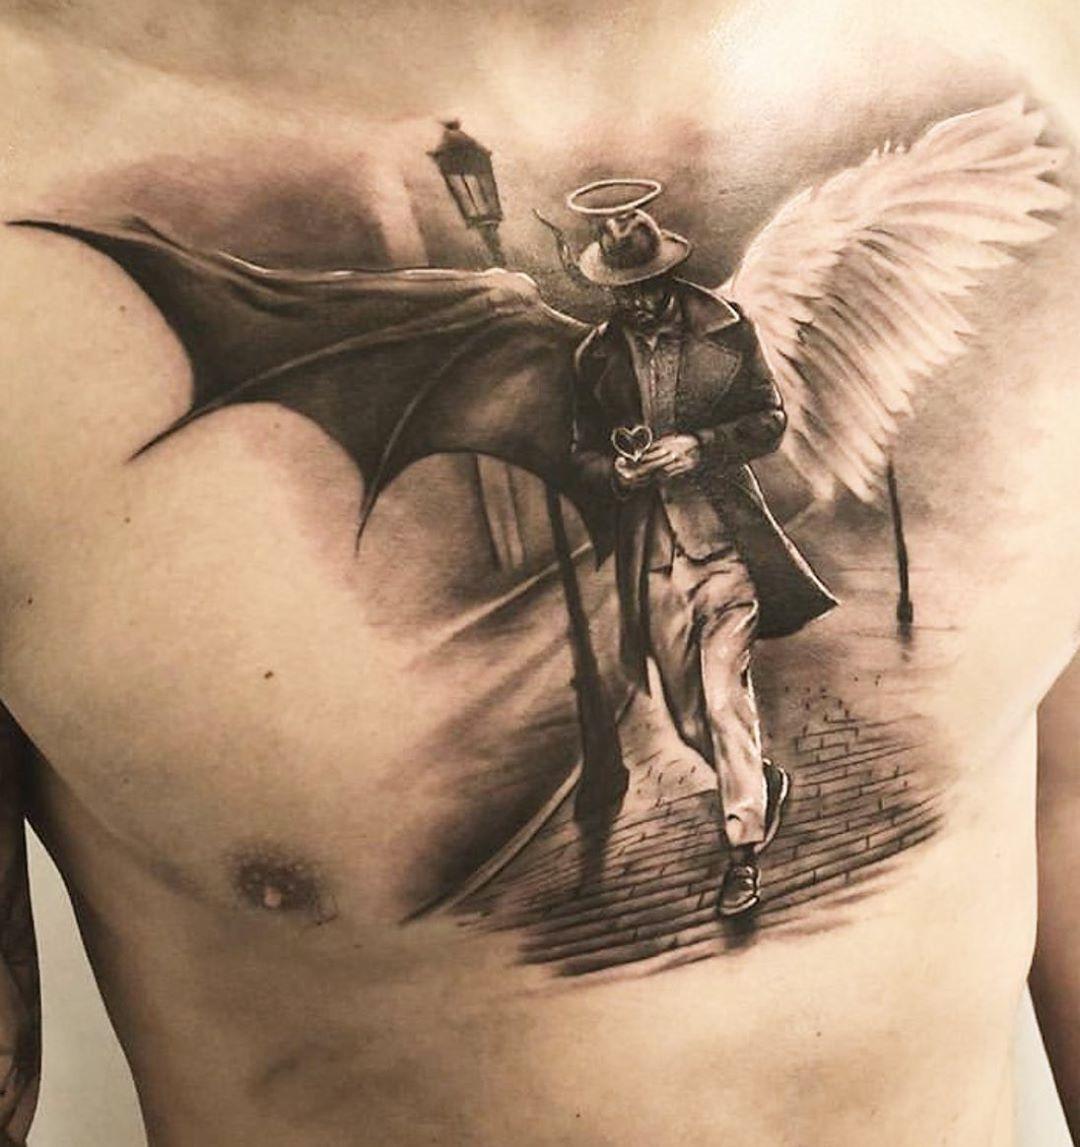 Angel Tattoos | Devil Tattoos | Angel Devil Wing Tattoo Designs | Chest tattoo Ideas fro Men